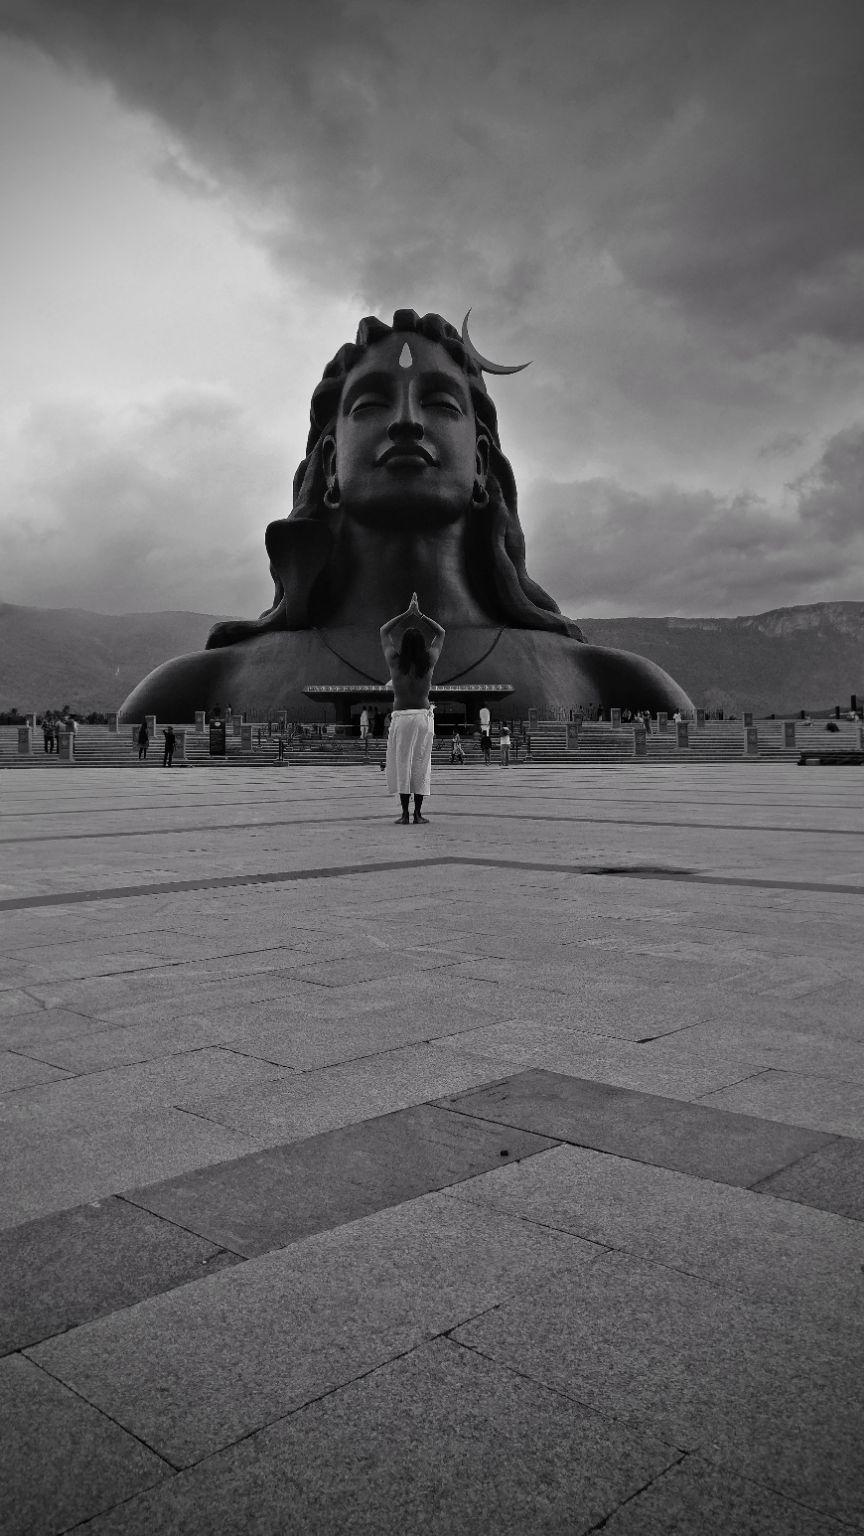 Photo of Isha Yoga Center By Kaushal Tatiya